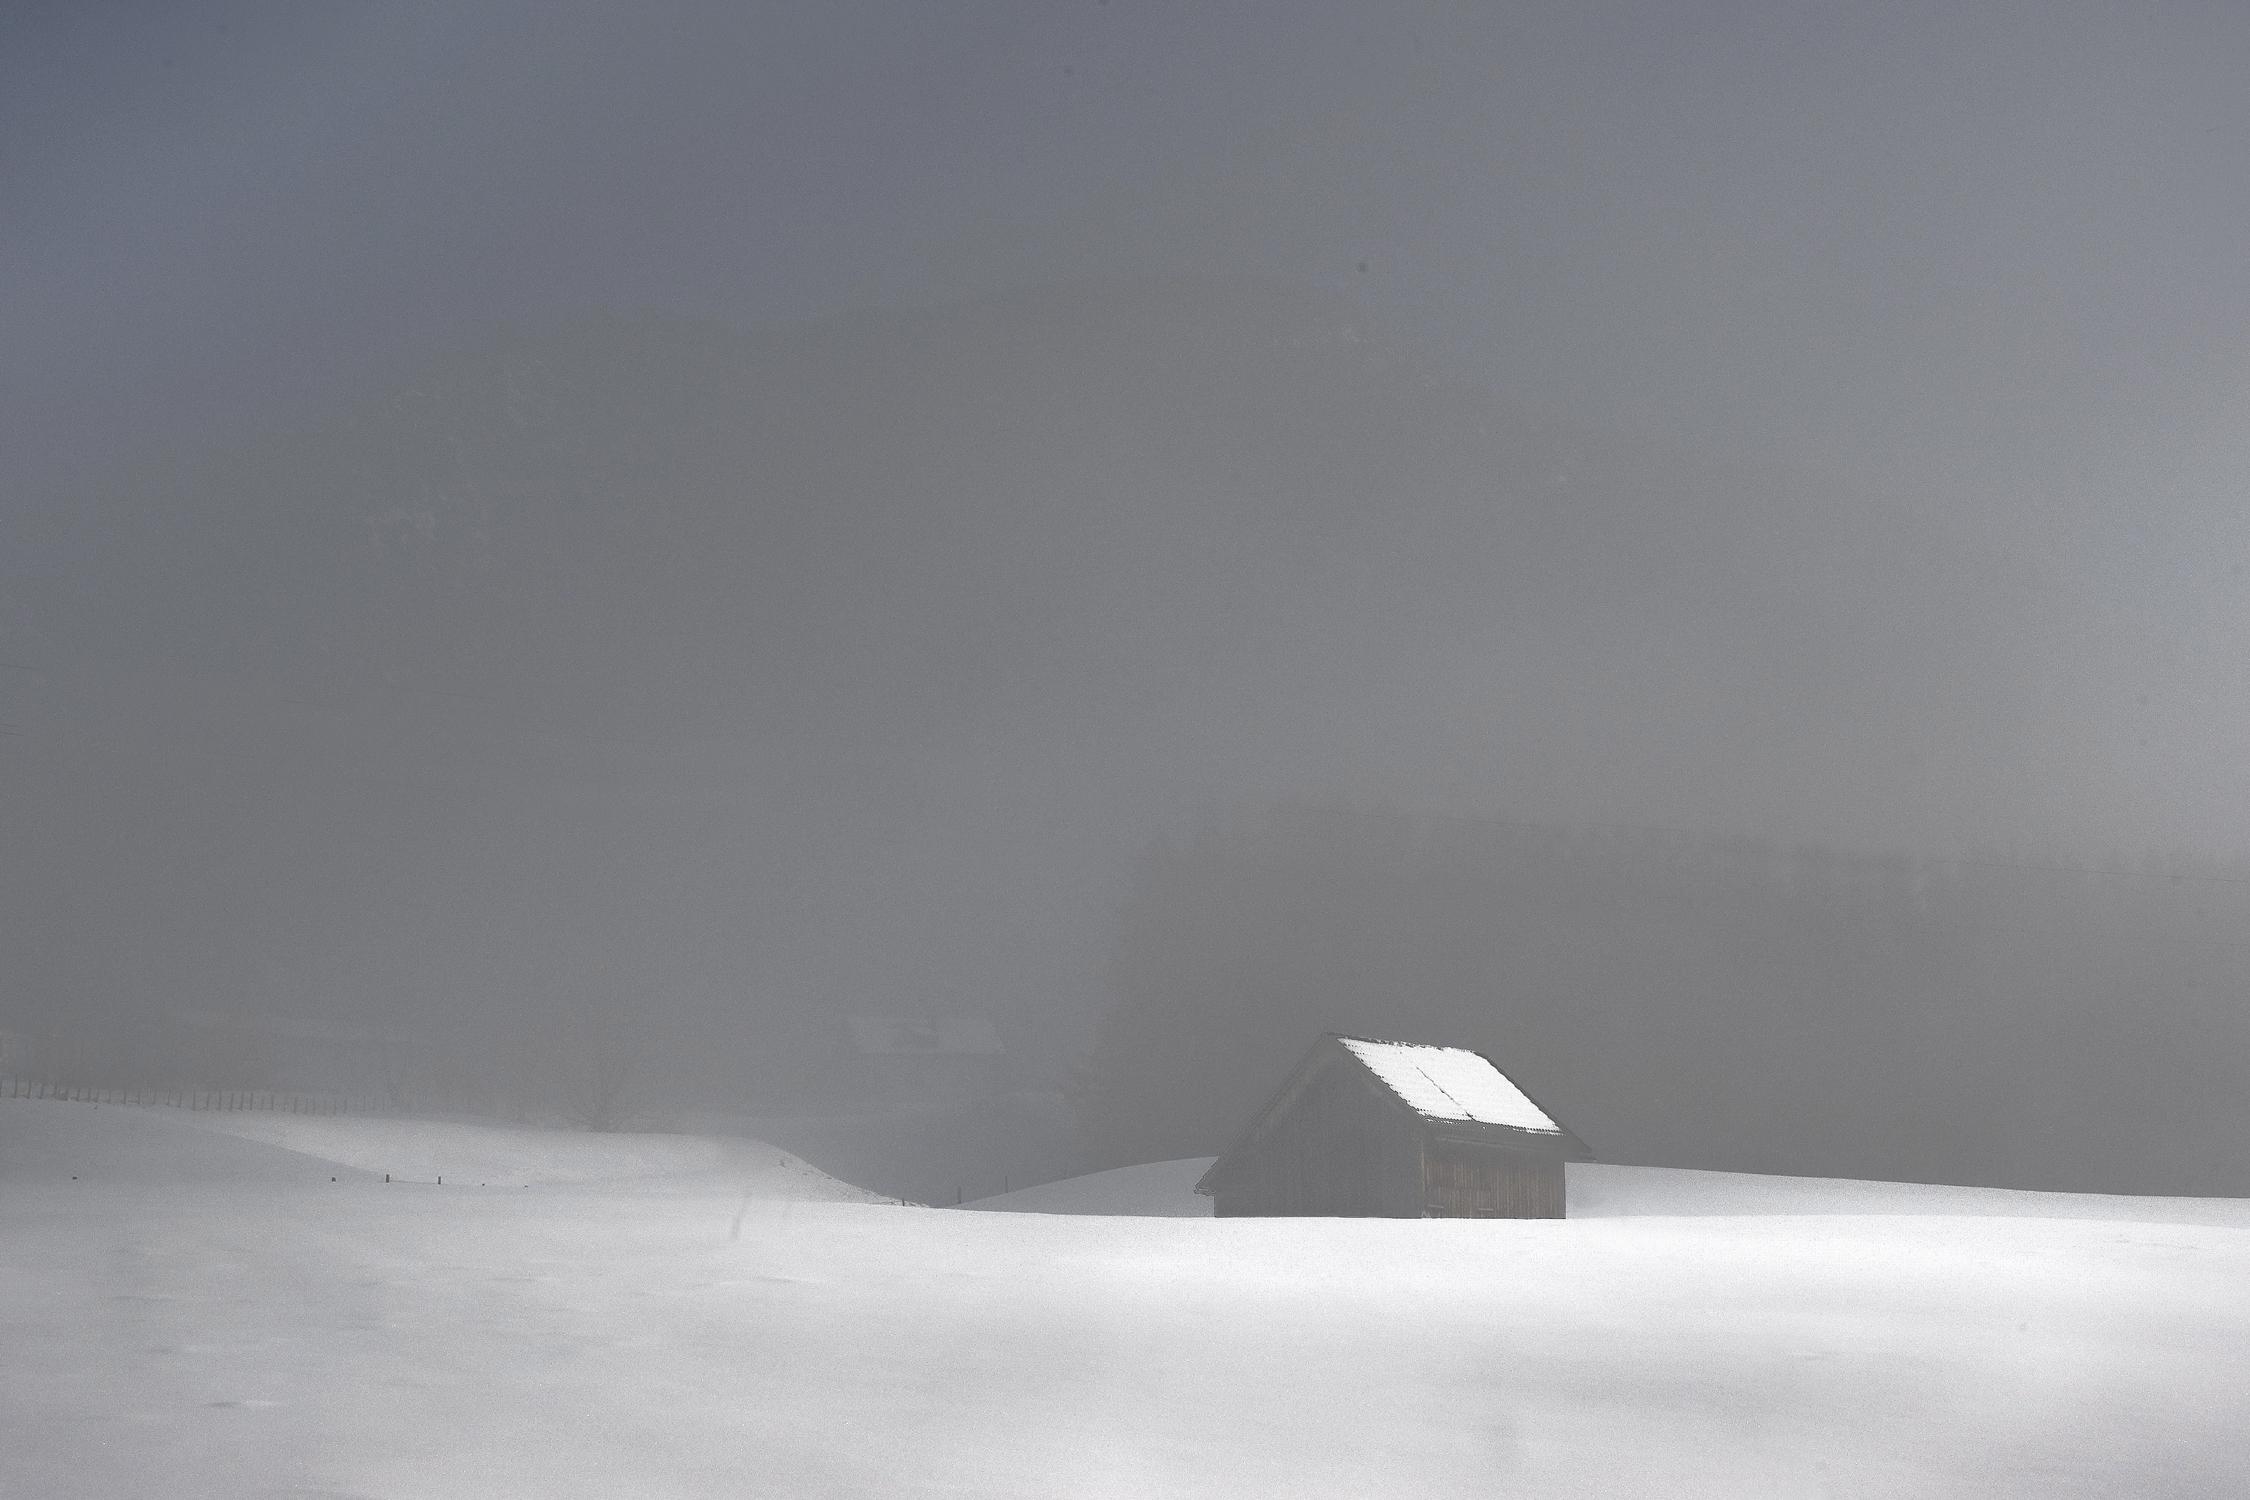 Serie las formas del invierno I